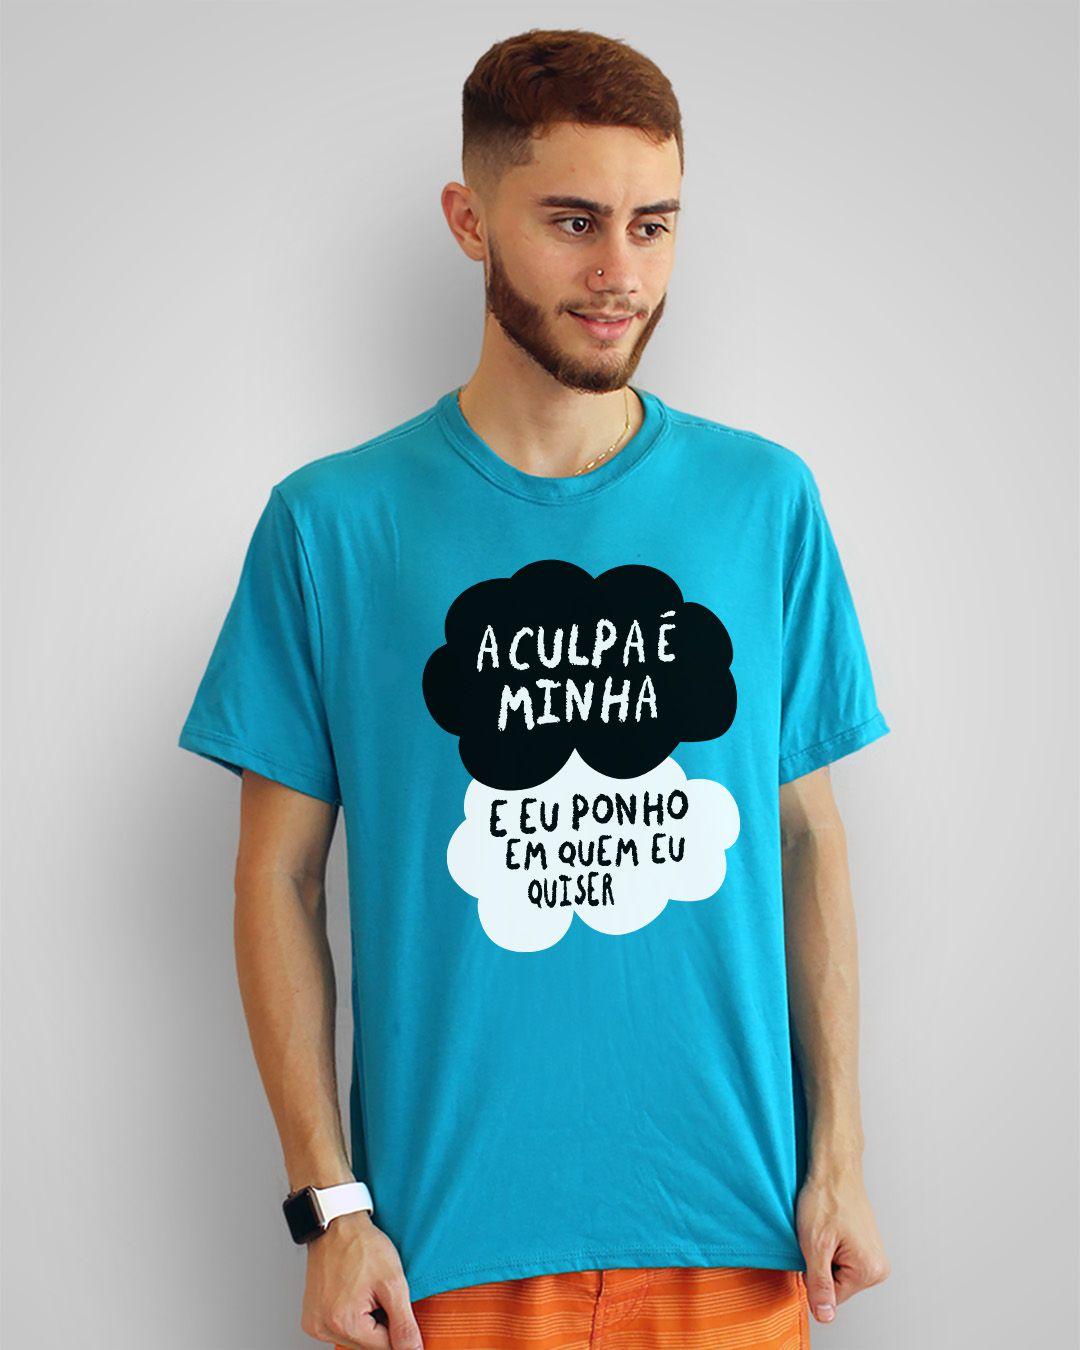 Camiseta A culpa é minha e eu ponho em quem eu quiser